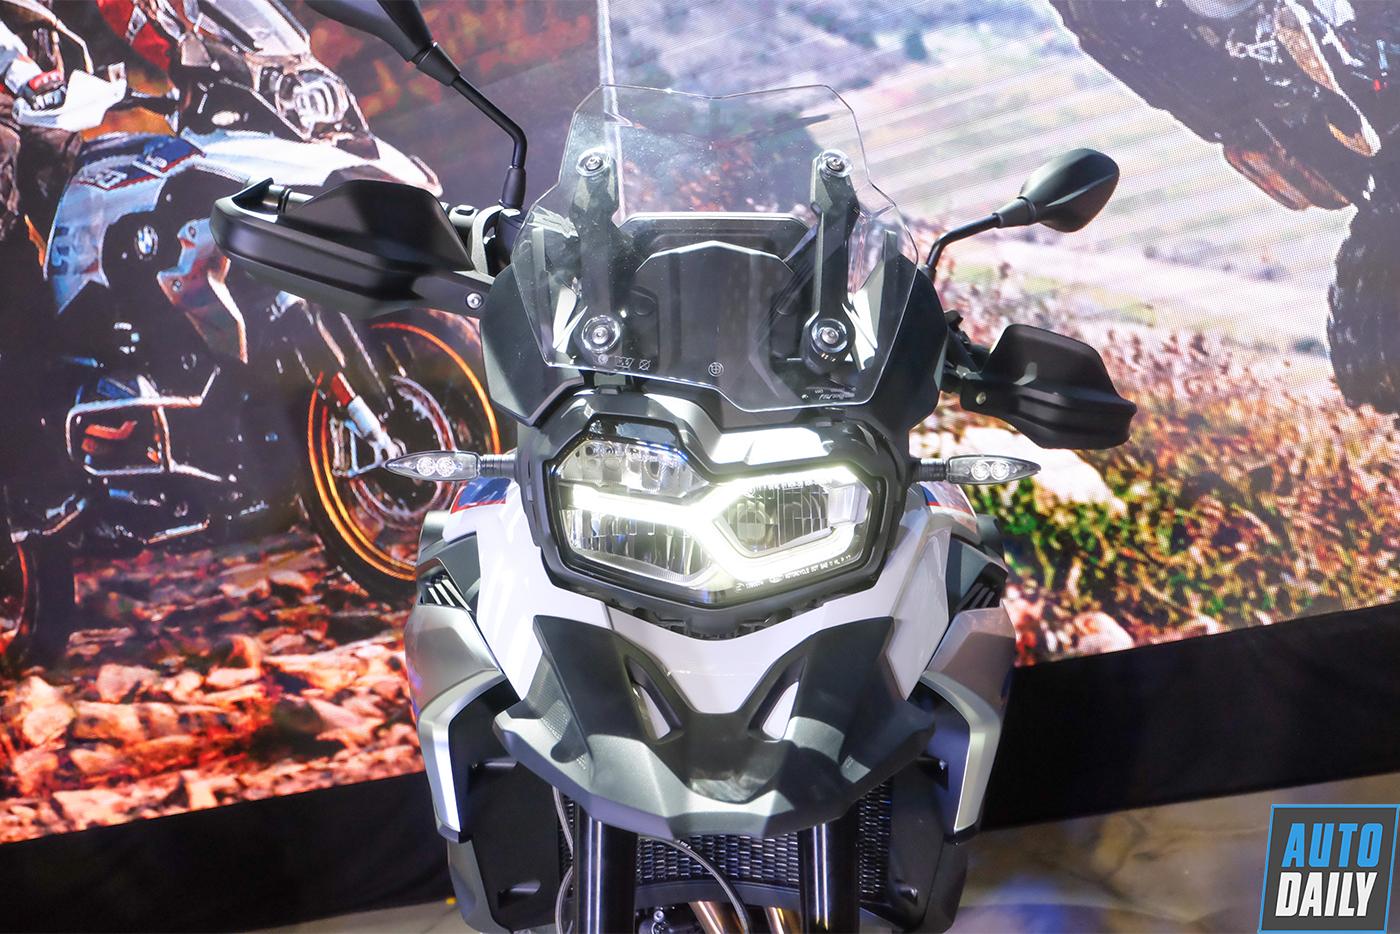 bmw-motorrad-f-850-gs-2019-32.jpg